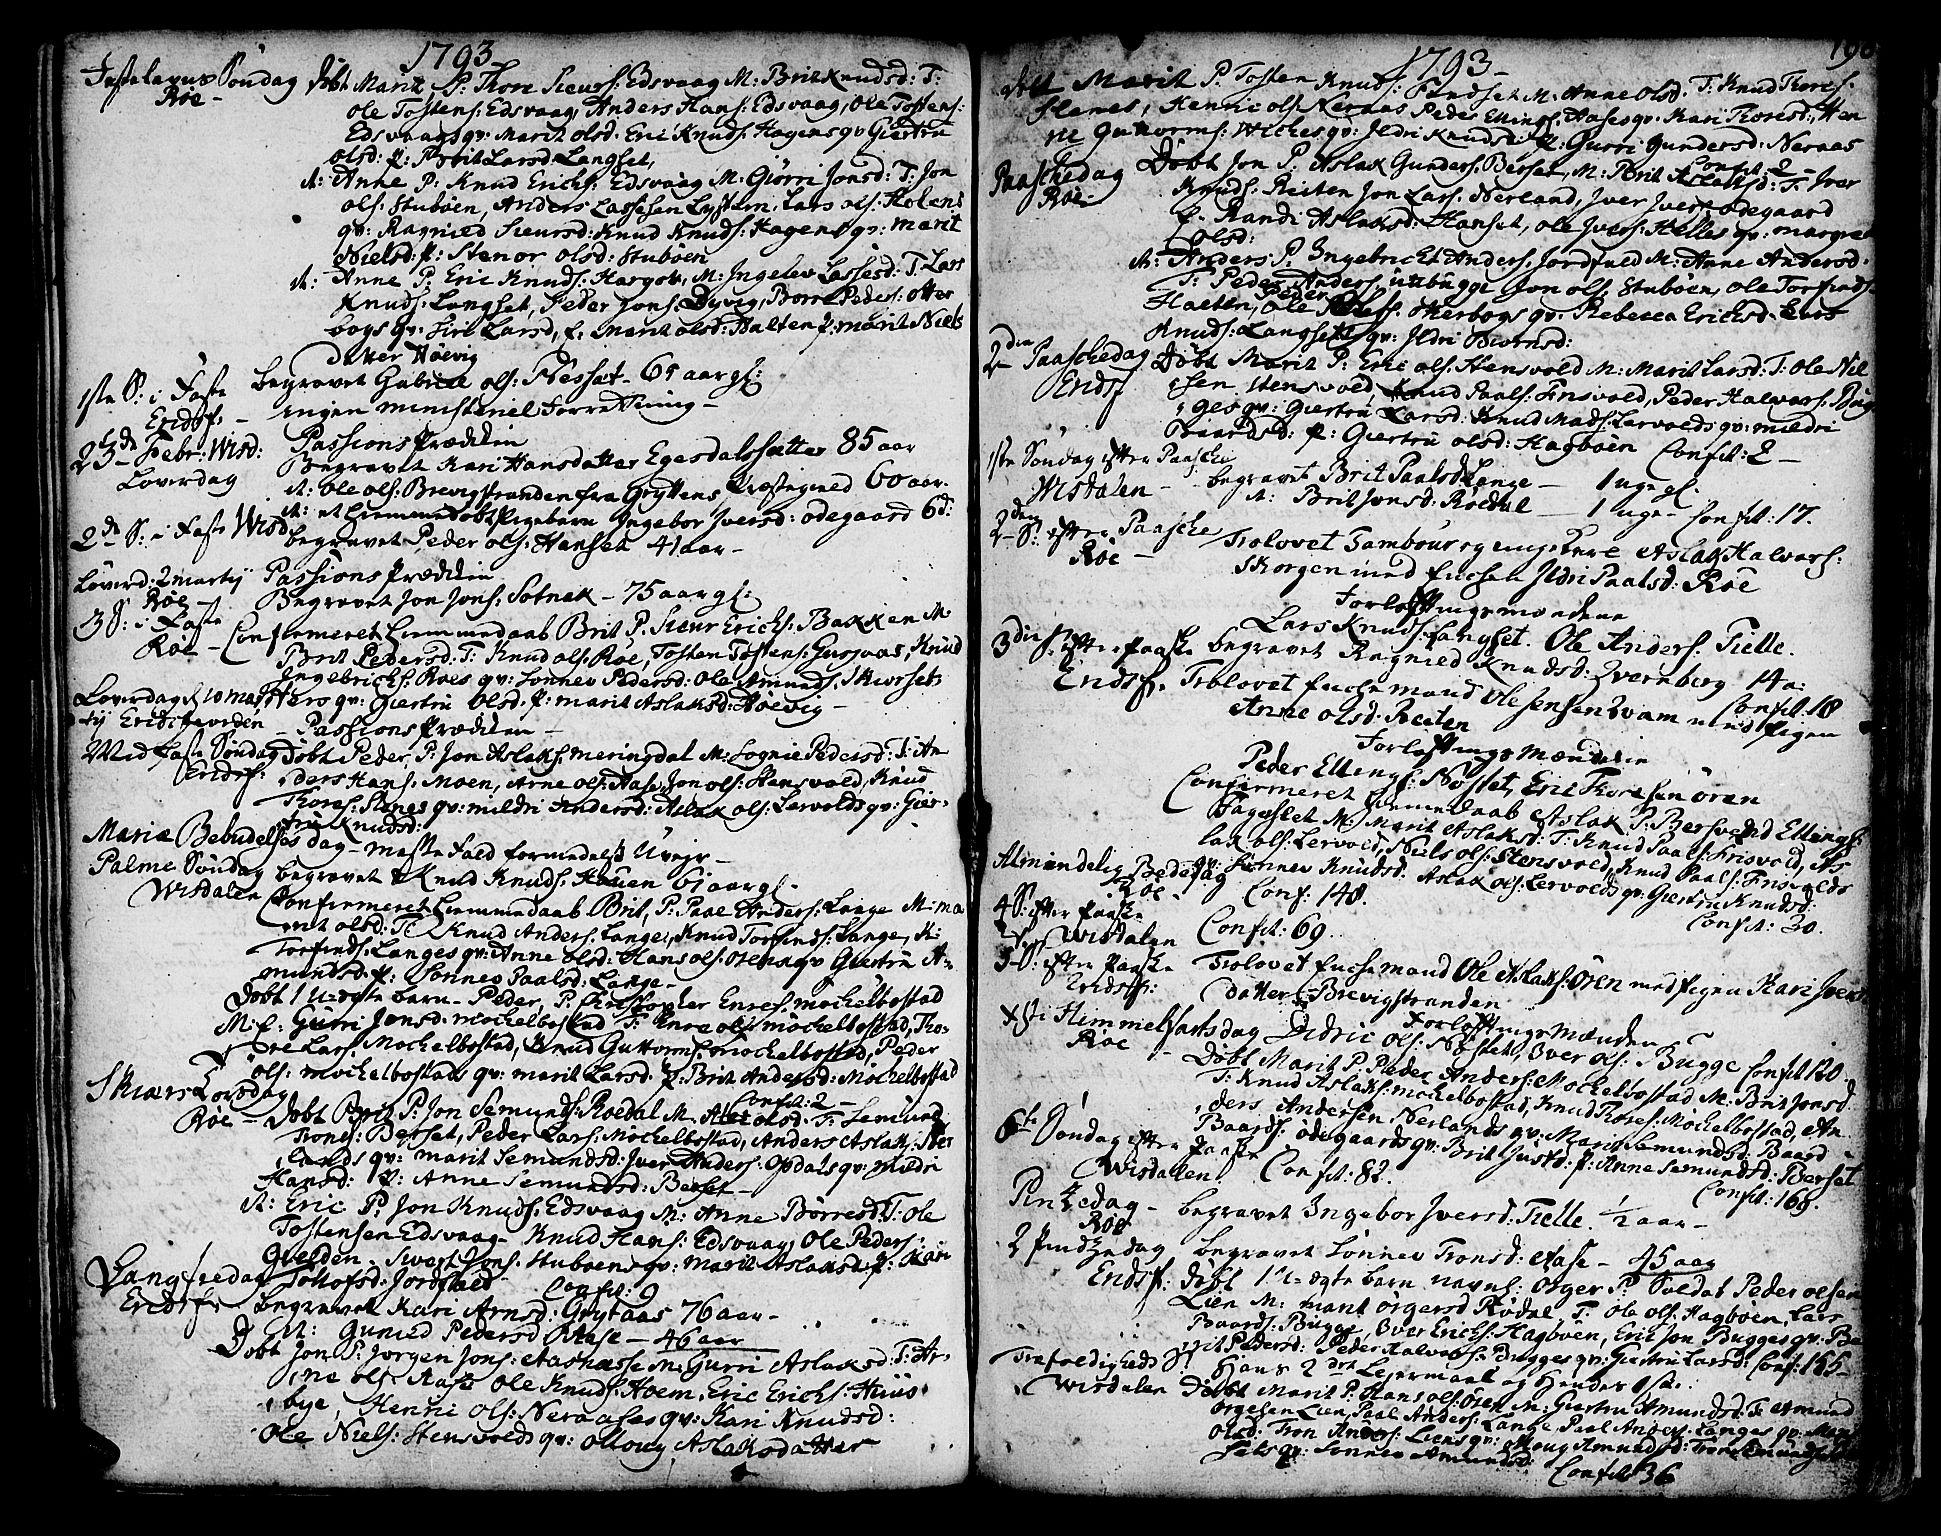 SAT, Ministerialprotokoller, klokkerbøker og fødselsregistre - Møre og Romsdal, 551/L0621: Ministerialbok nr. 551A01, 1757-1803, s. 196